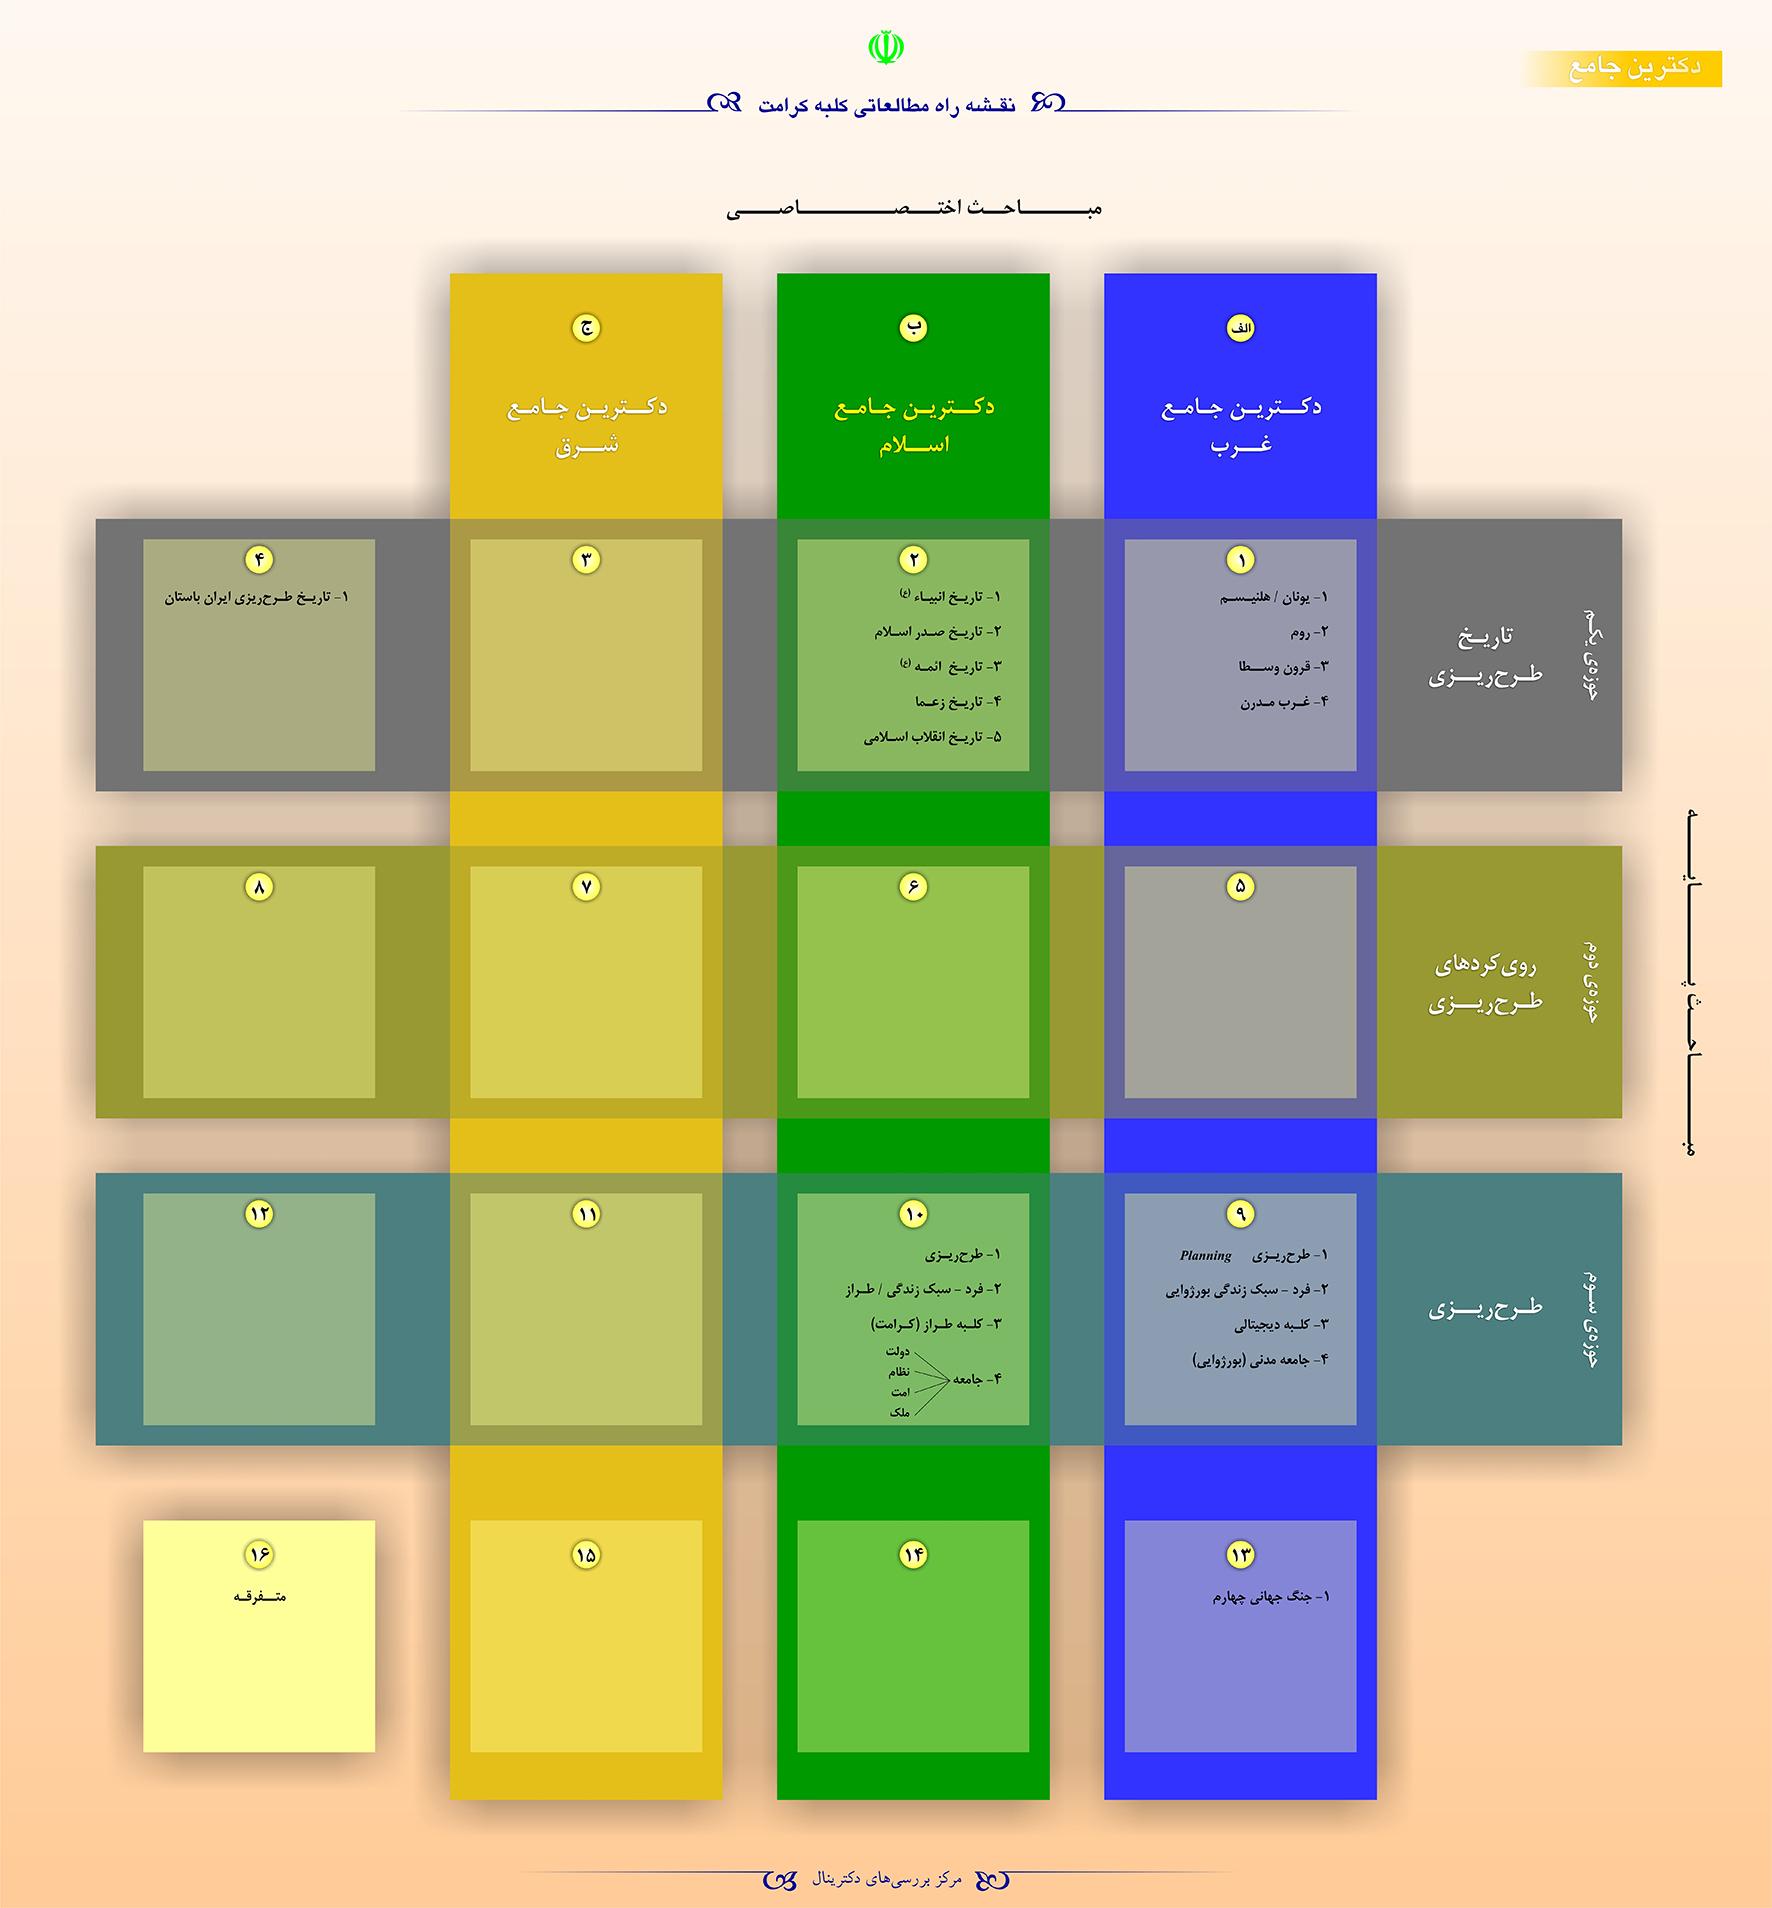 نقشه راه مطالعاتی دانش دکترینولوژی